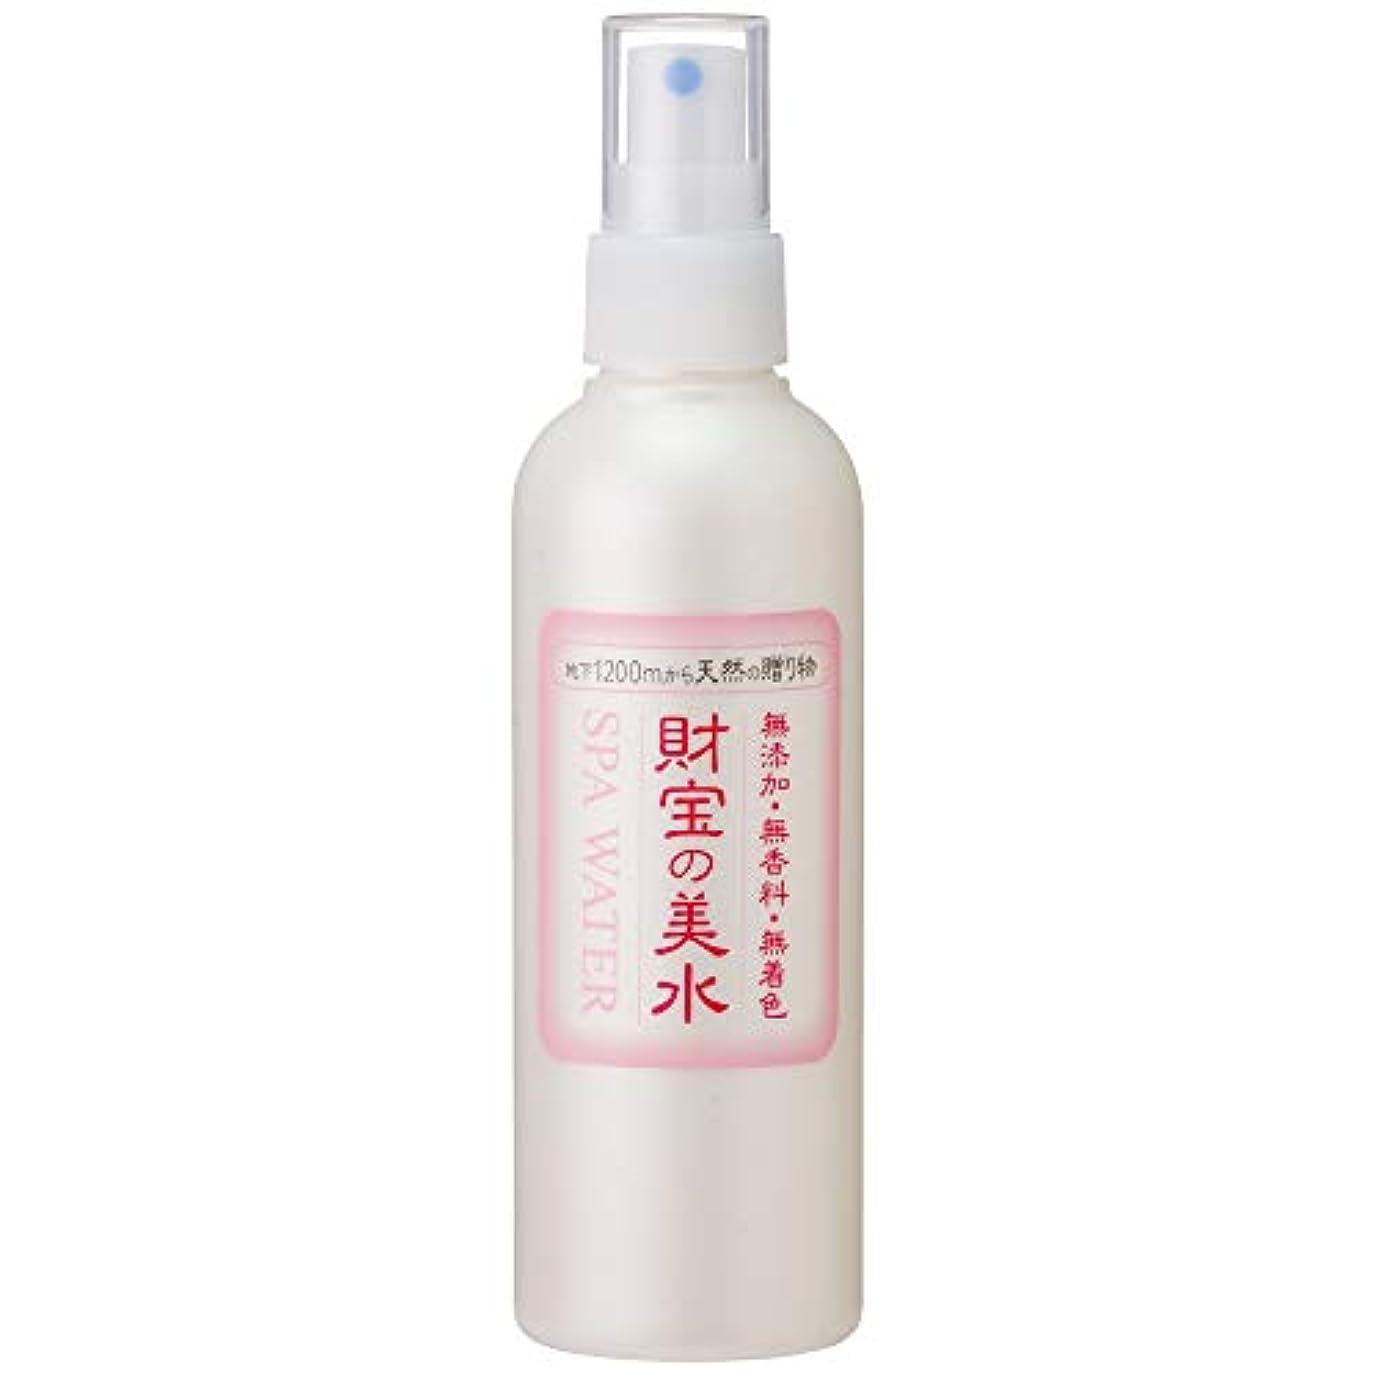 違反する工業用絵財宝 温泉 美水 ミスト 化粧水 200ml